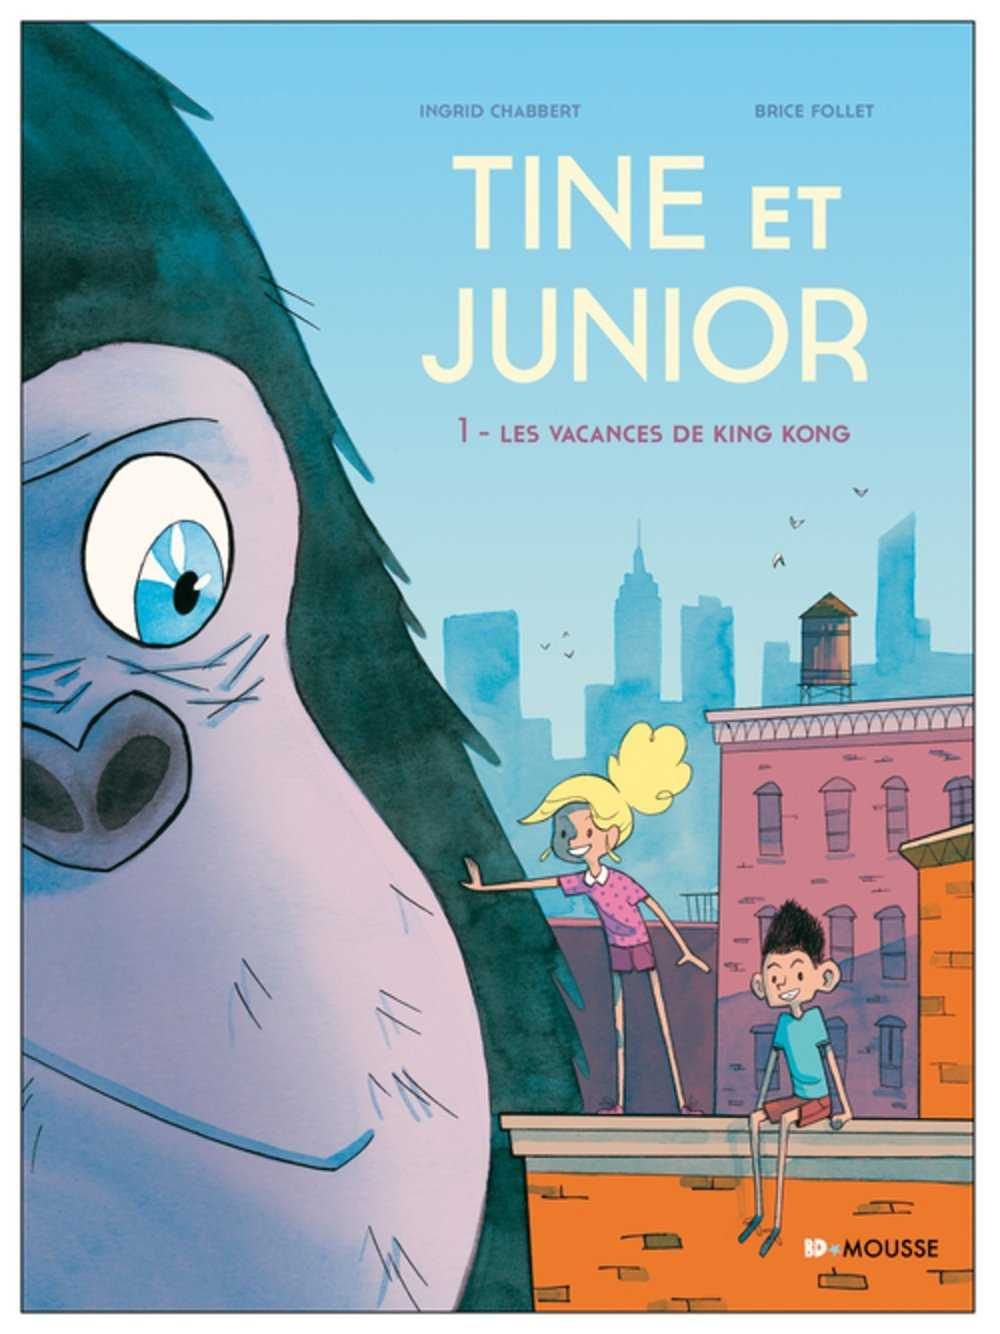 Tine et Junior, King Kong prend sa retraite